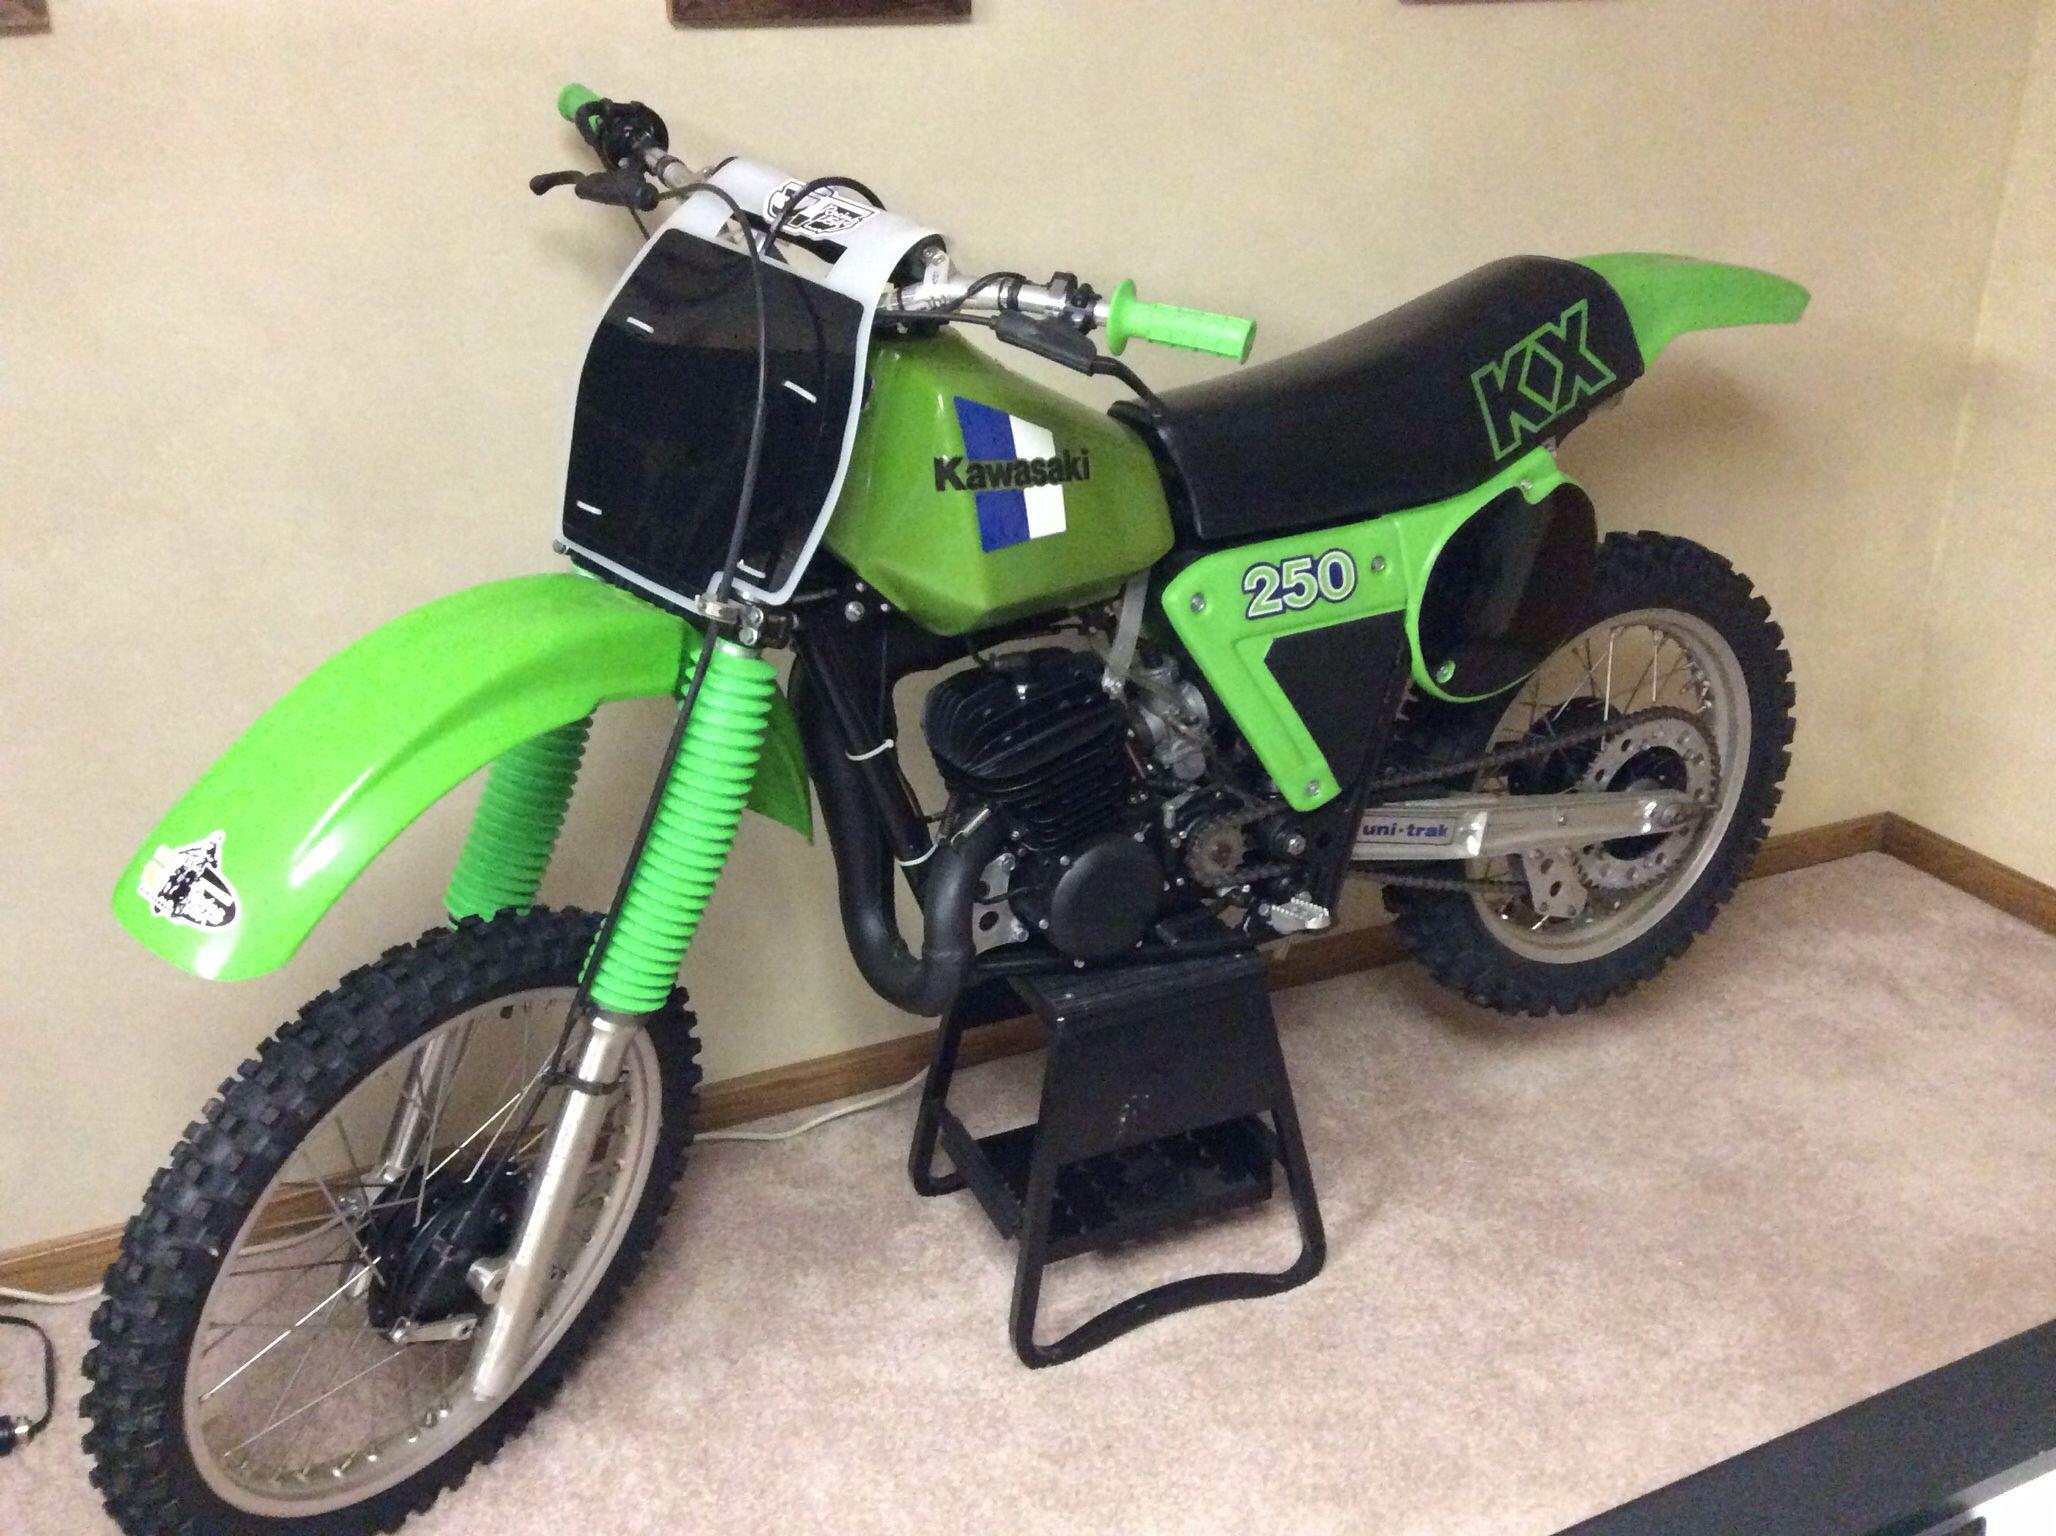 1980 Kawasaki kx 250